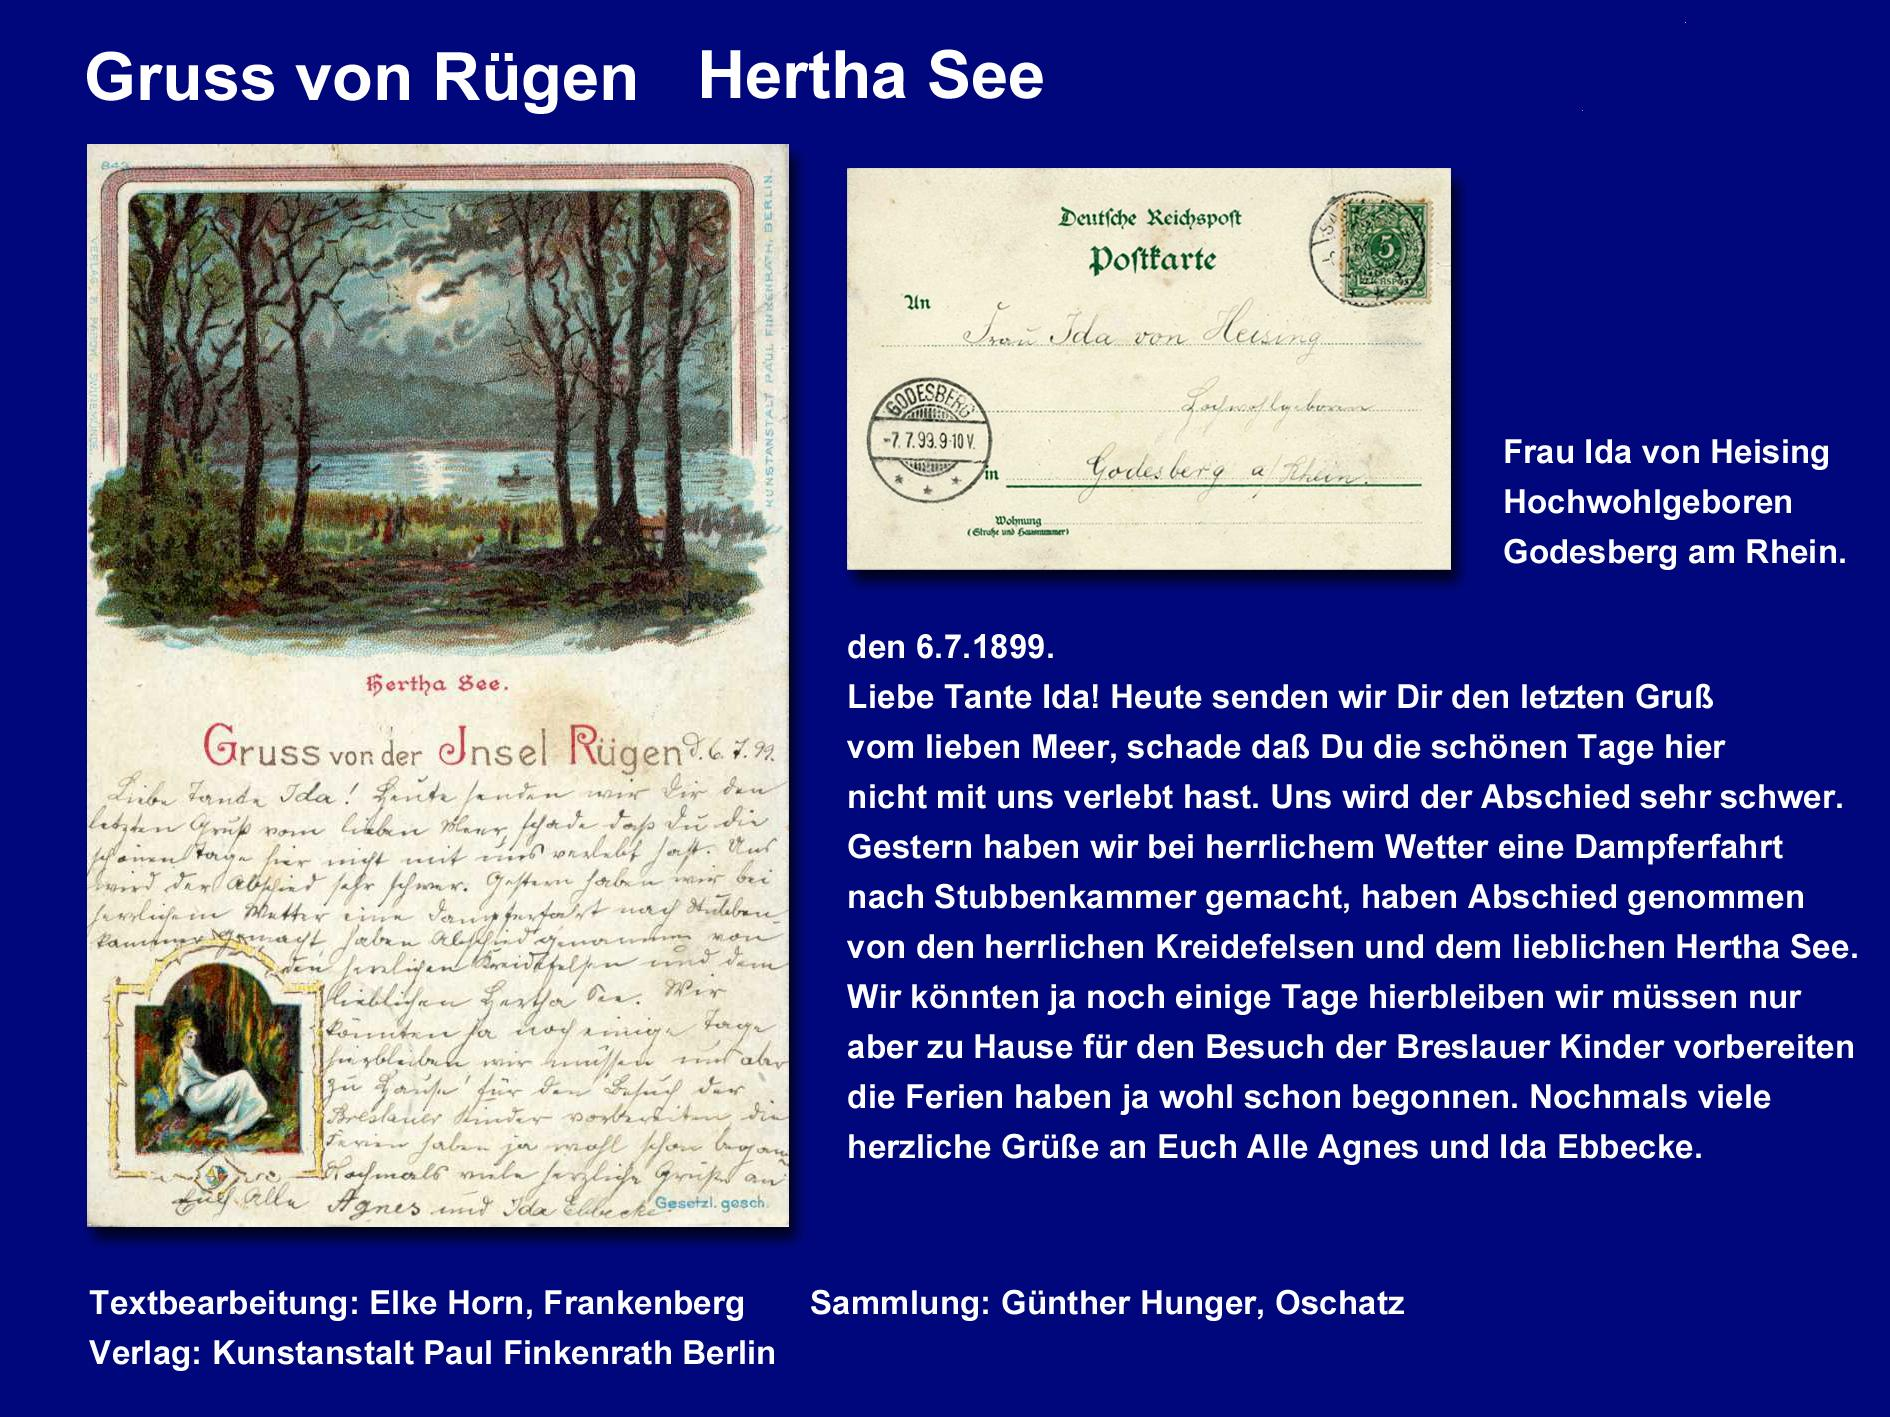 Gruss von der Insel Rügen Hertha See